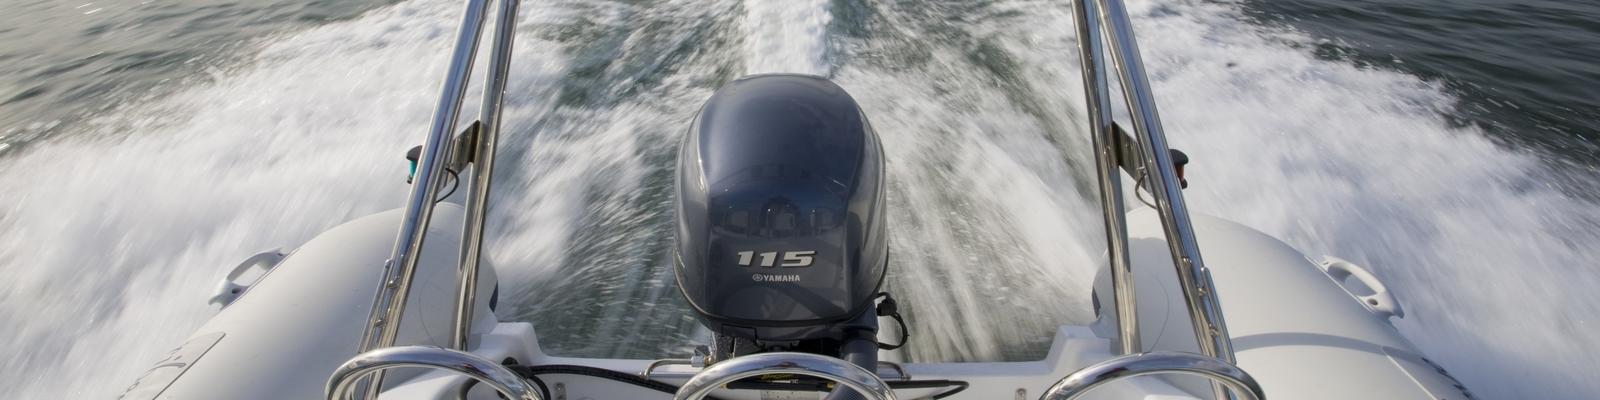 Yamaha båtmotor - Se utvalg og priser!